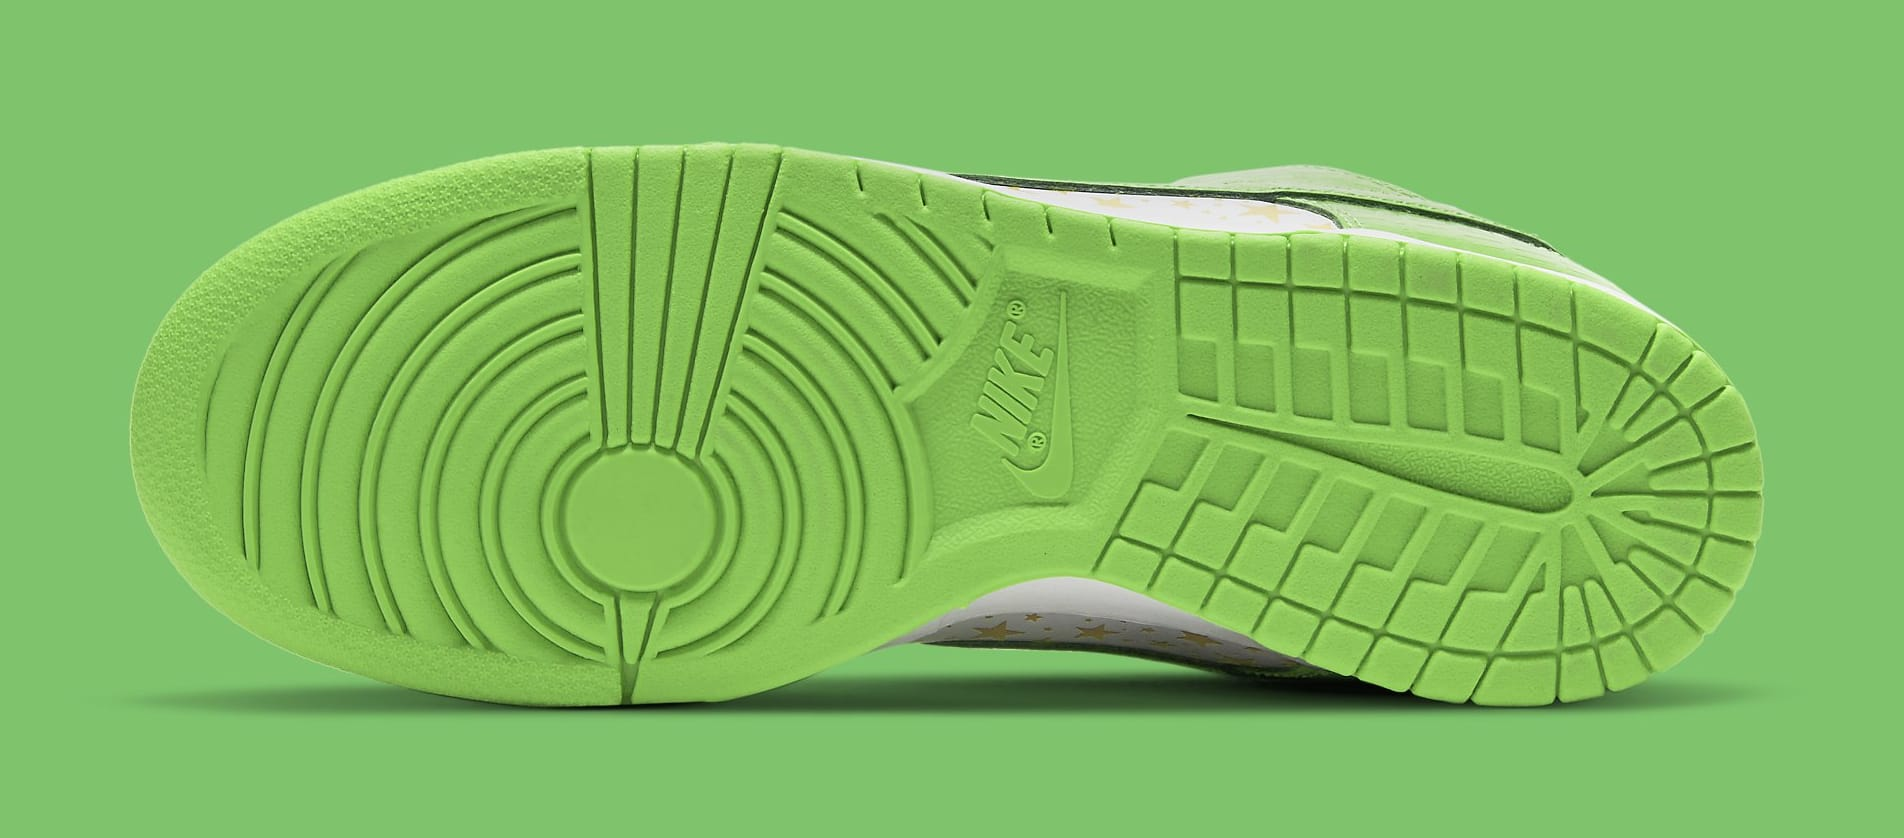 Supreme x Nike SB Dunk Low 'Green' DH3228-101 Outsole